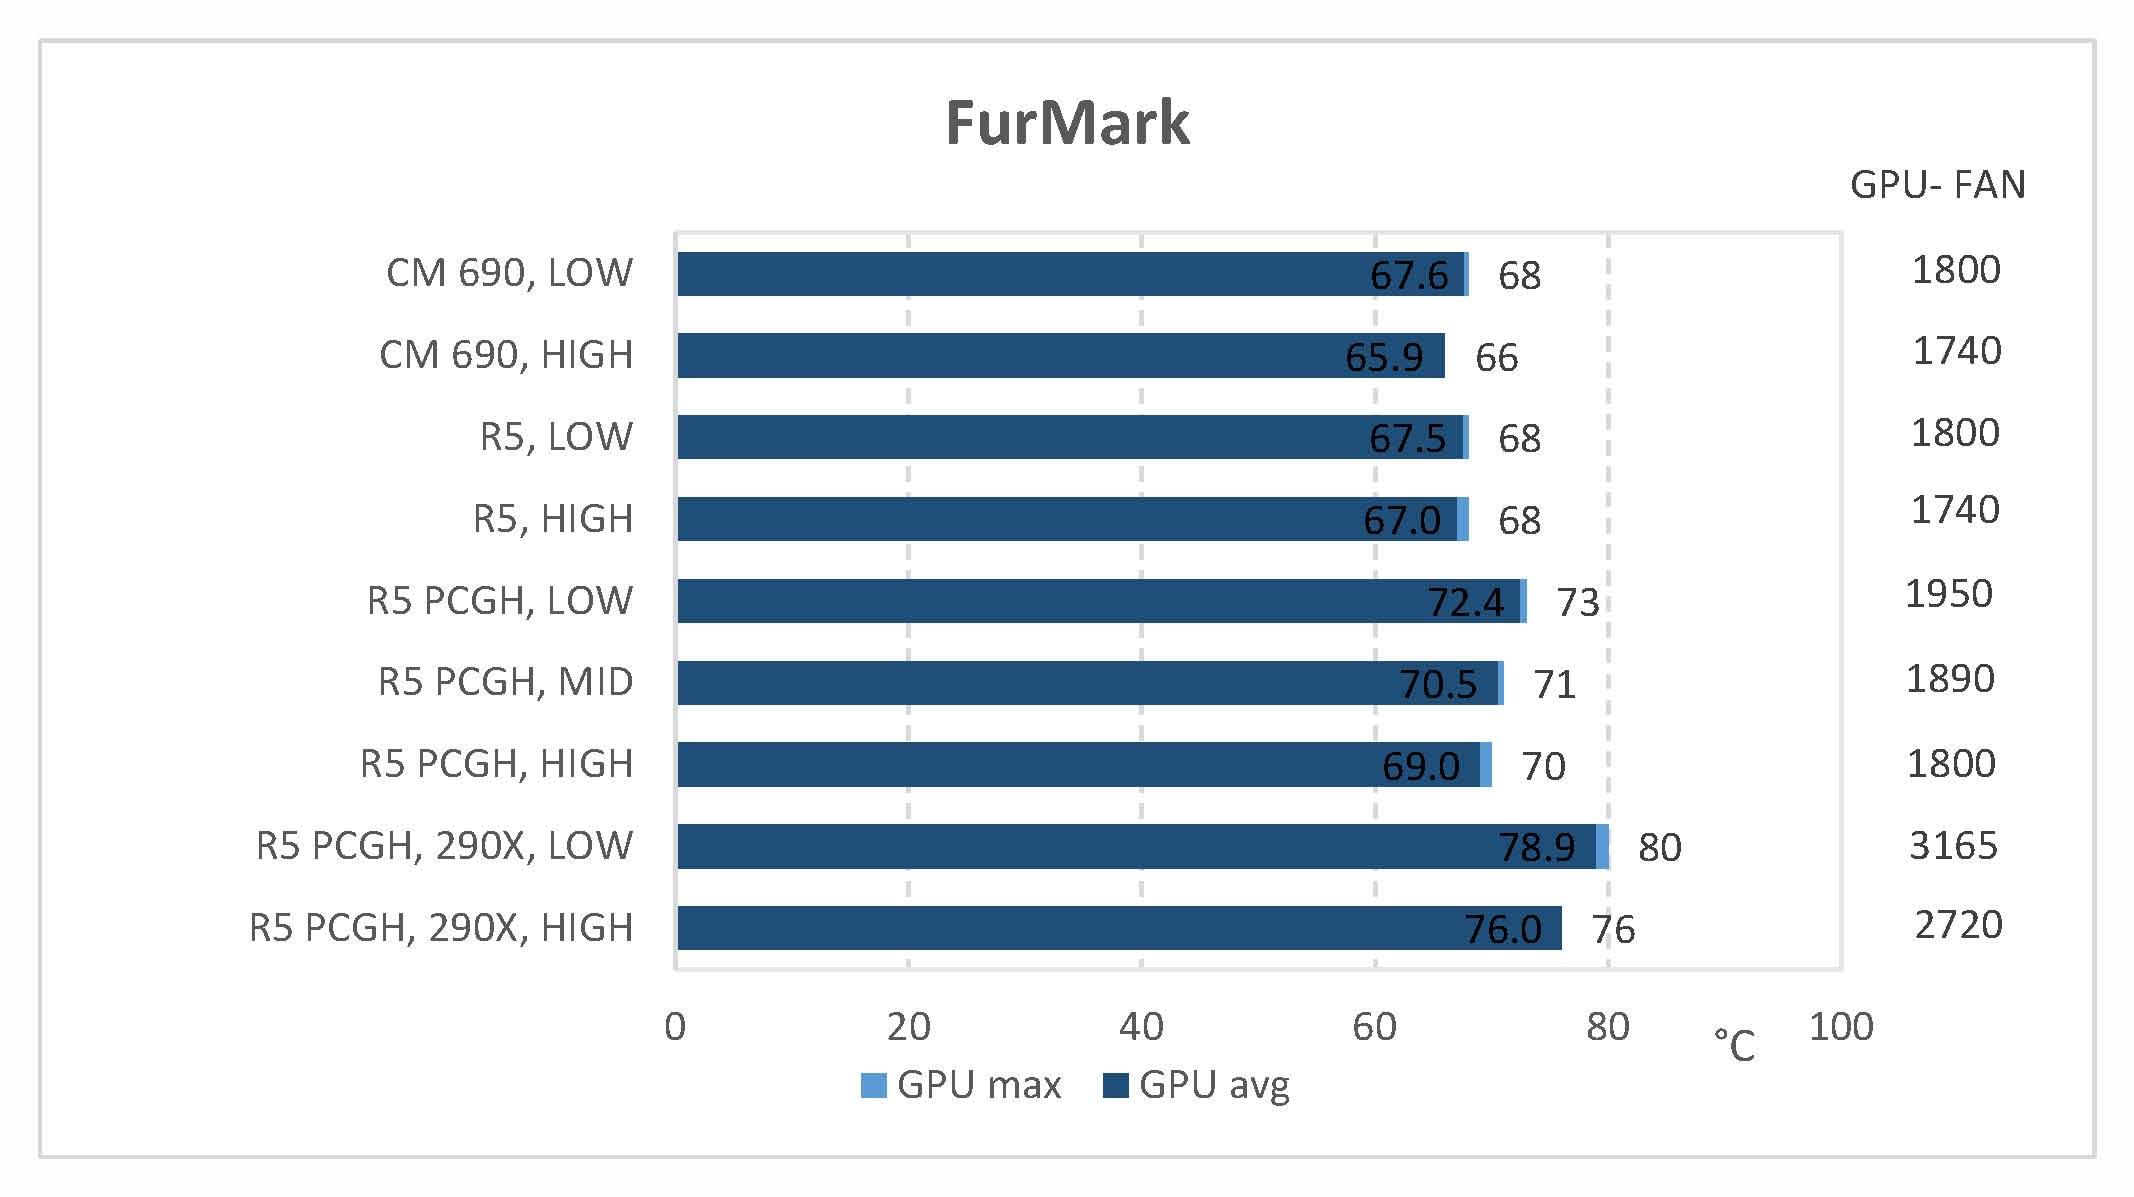 FurMark.jpg